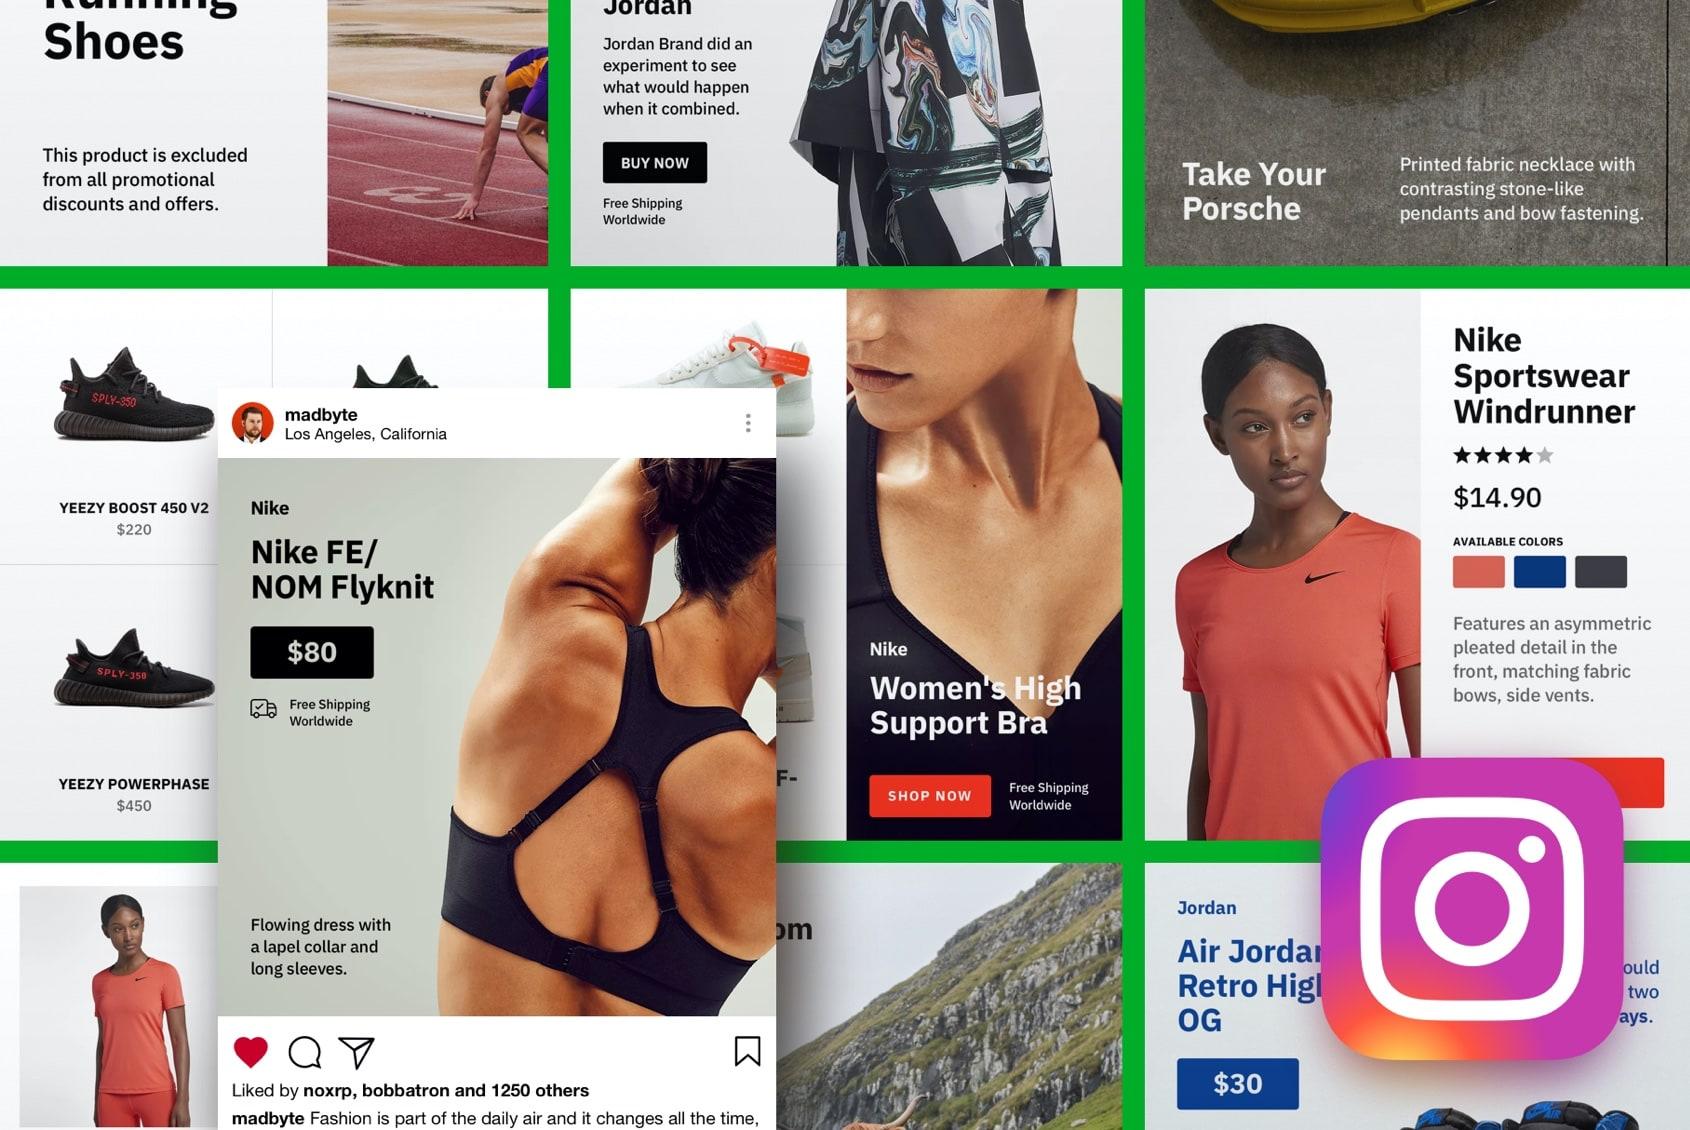 Instagram Templates for E-commerce